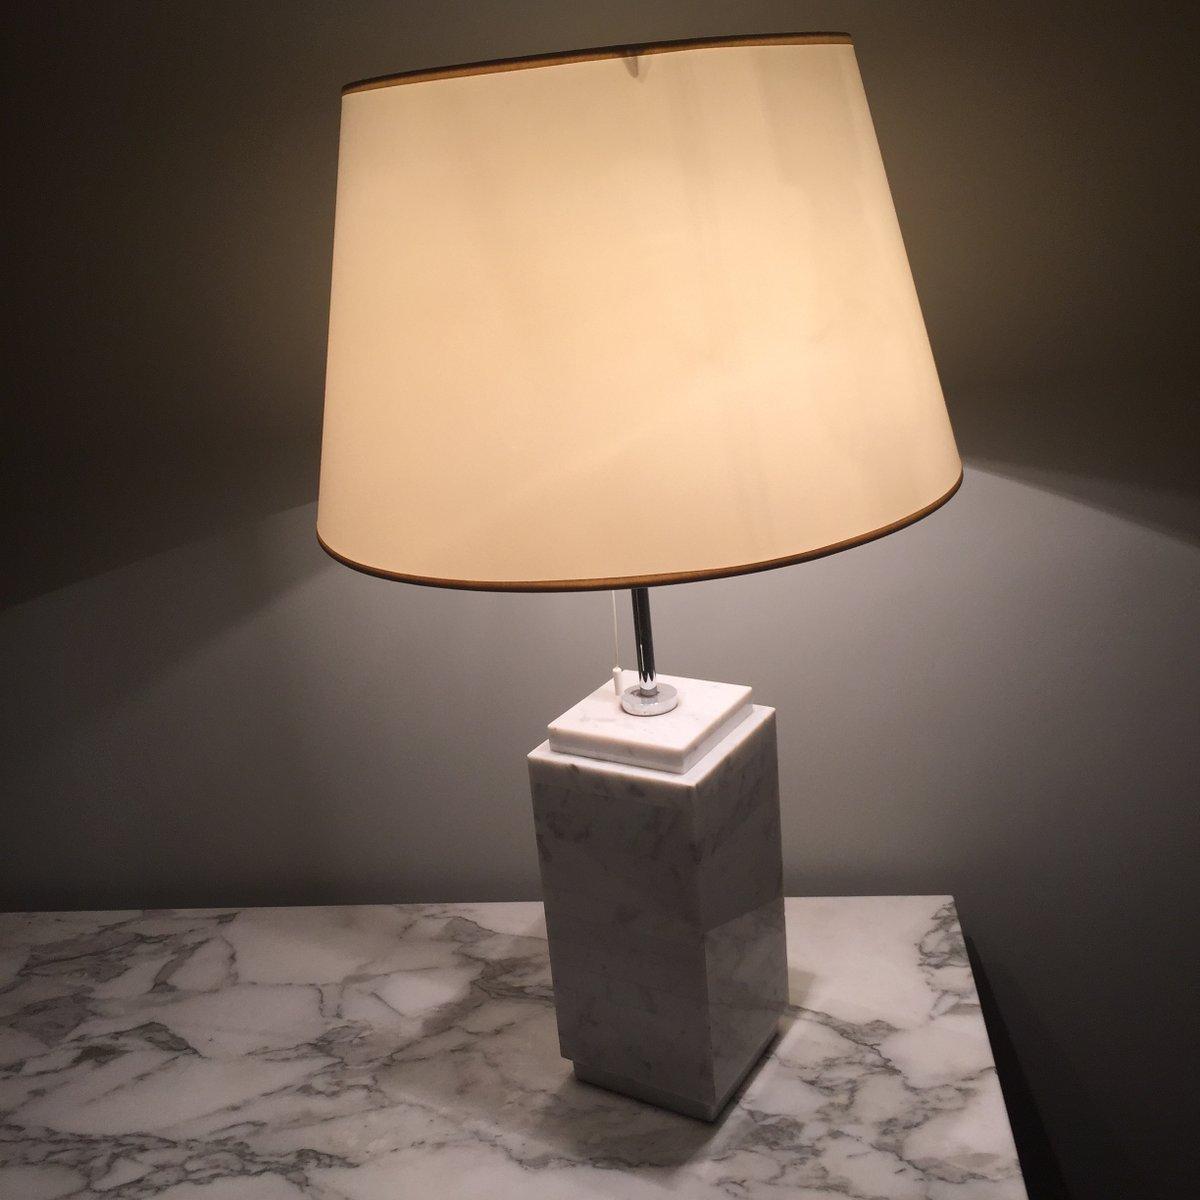 Höhe Lampe Kücheninsel ~ weiße carrara marmor lampe von knoll bei pamono kaufen